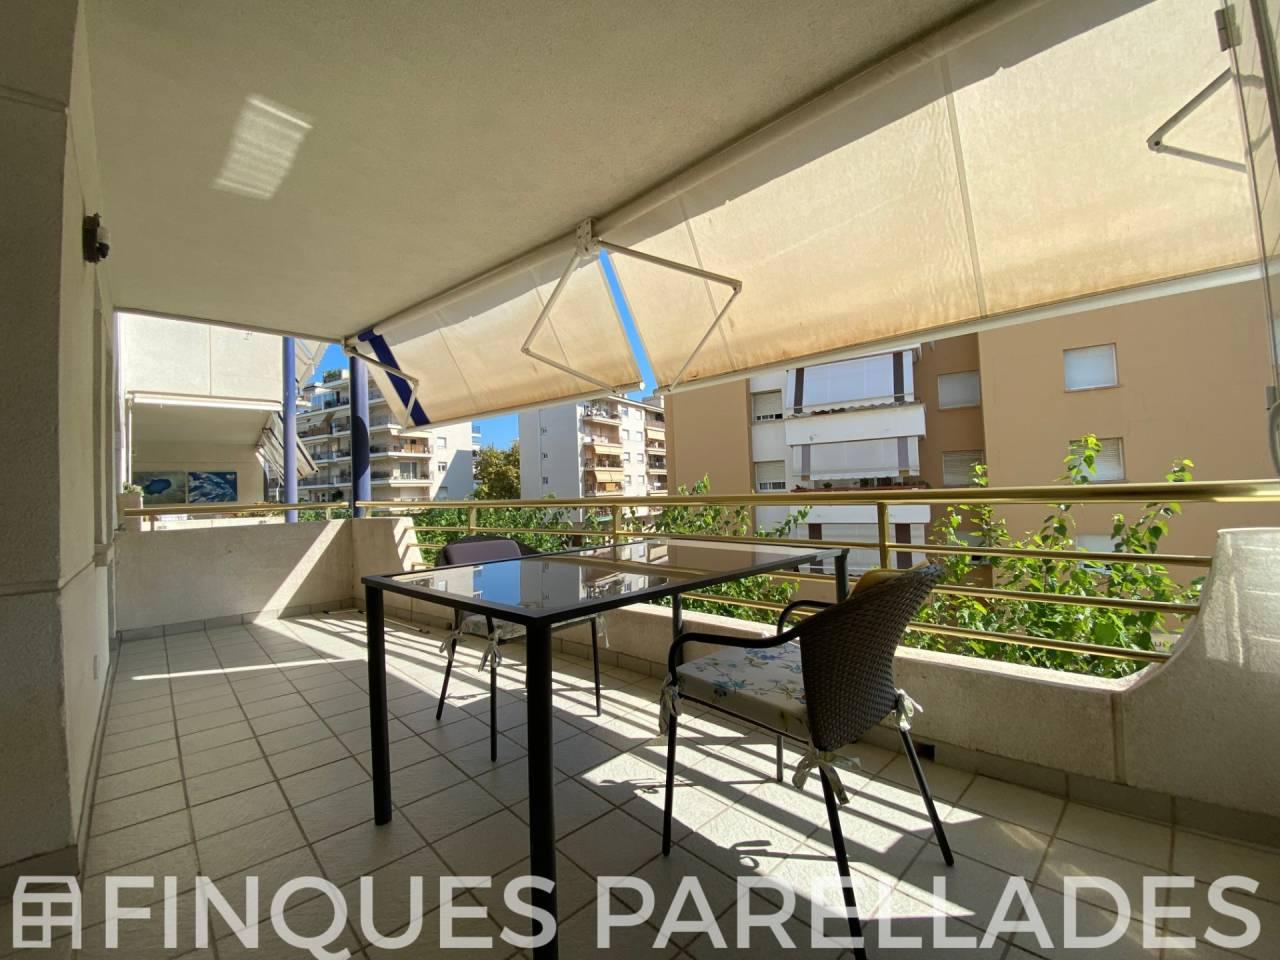 Piso  Centre. Impecable y luminosa vivienda con gran terraza y piscina comunit